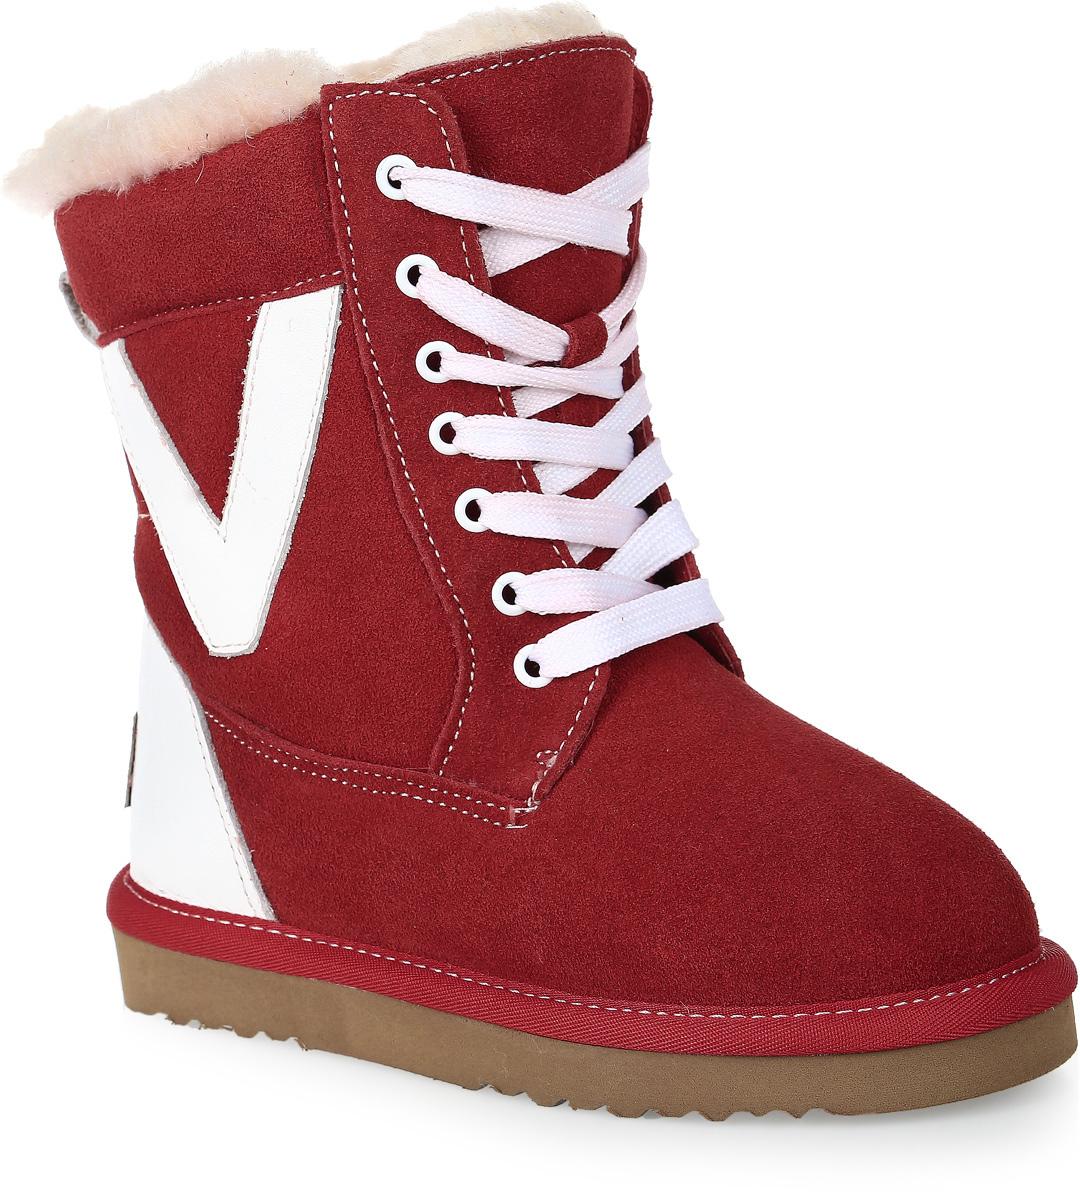 20662-5Модные угги для девочки от Vitacci выполнены из натурального велюра и дополнены нашивками из натуральной гладкой кожи. Модель стилизована под ботинки. Шнуровка надежно зафиксирует модель на ноге. Подкладка и стелька из шерстяного меха не дадут ногам замерзнуть. Подошва из материала ЭВА дополнена рифлением.